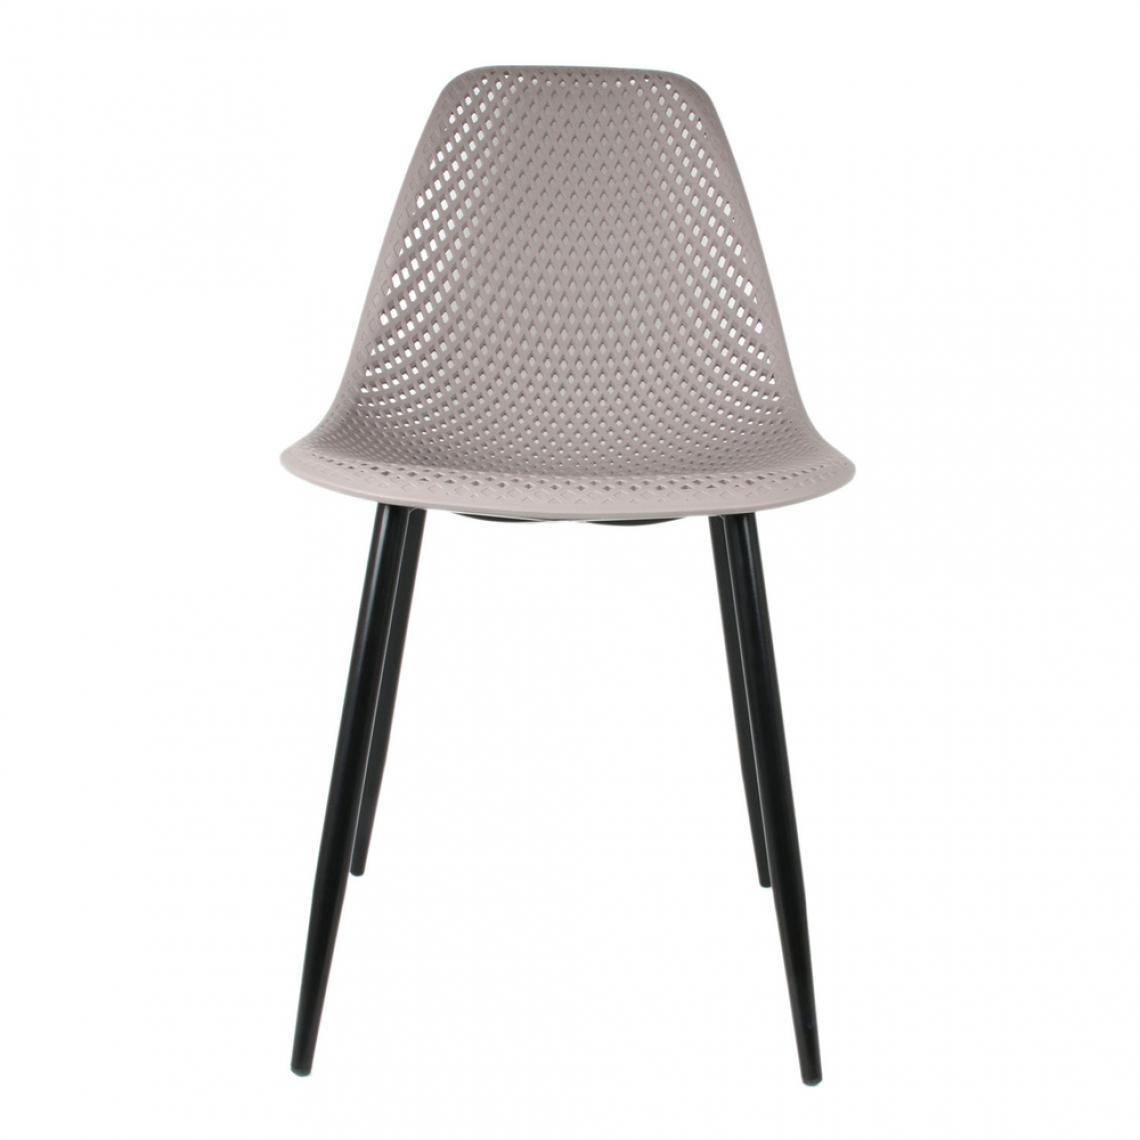 Chaise Interieur Et Exterieur Taupe Langly En 2020 Chaise Moderne Chaise Plastique Chaise